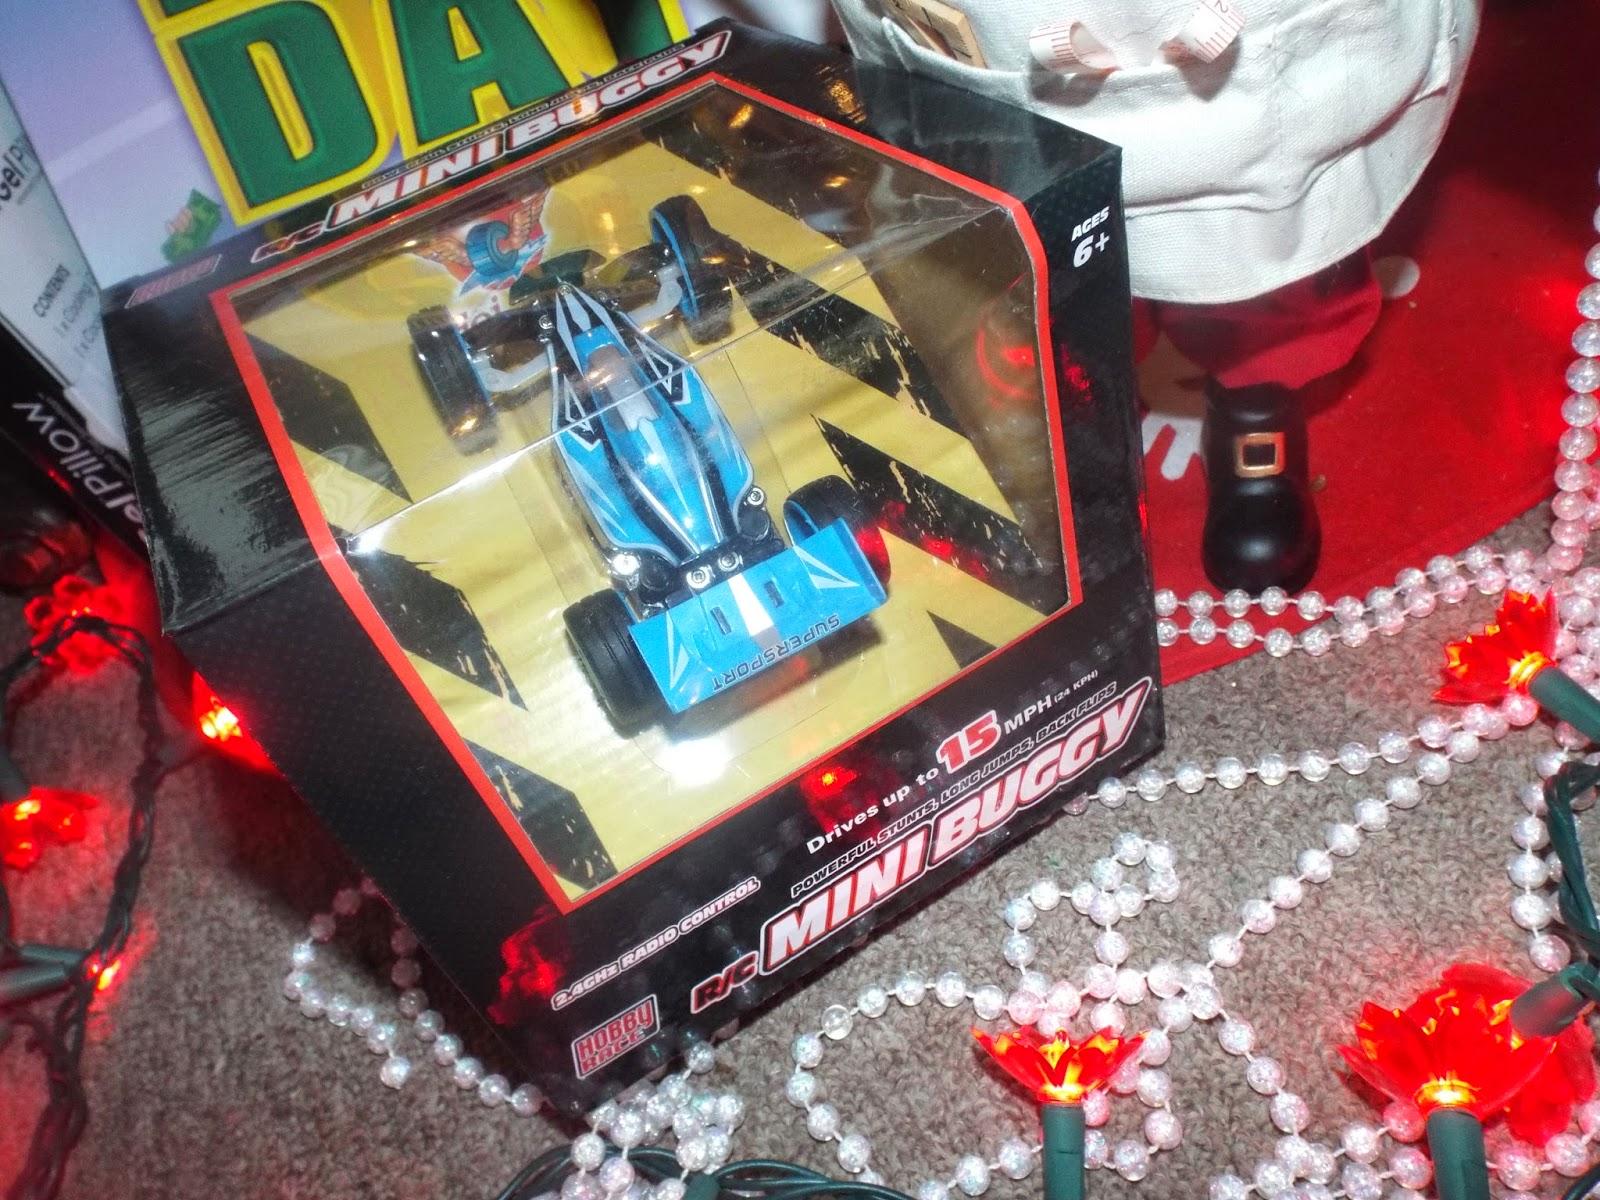 A SassyHolidays Gift Idea: Hobby Racer Mini Buggy